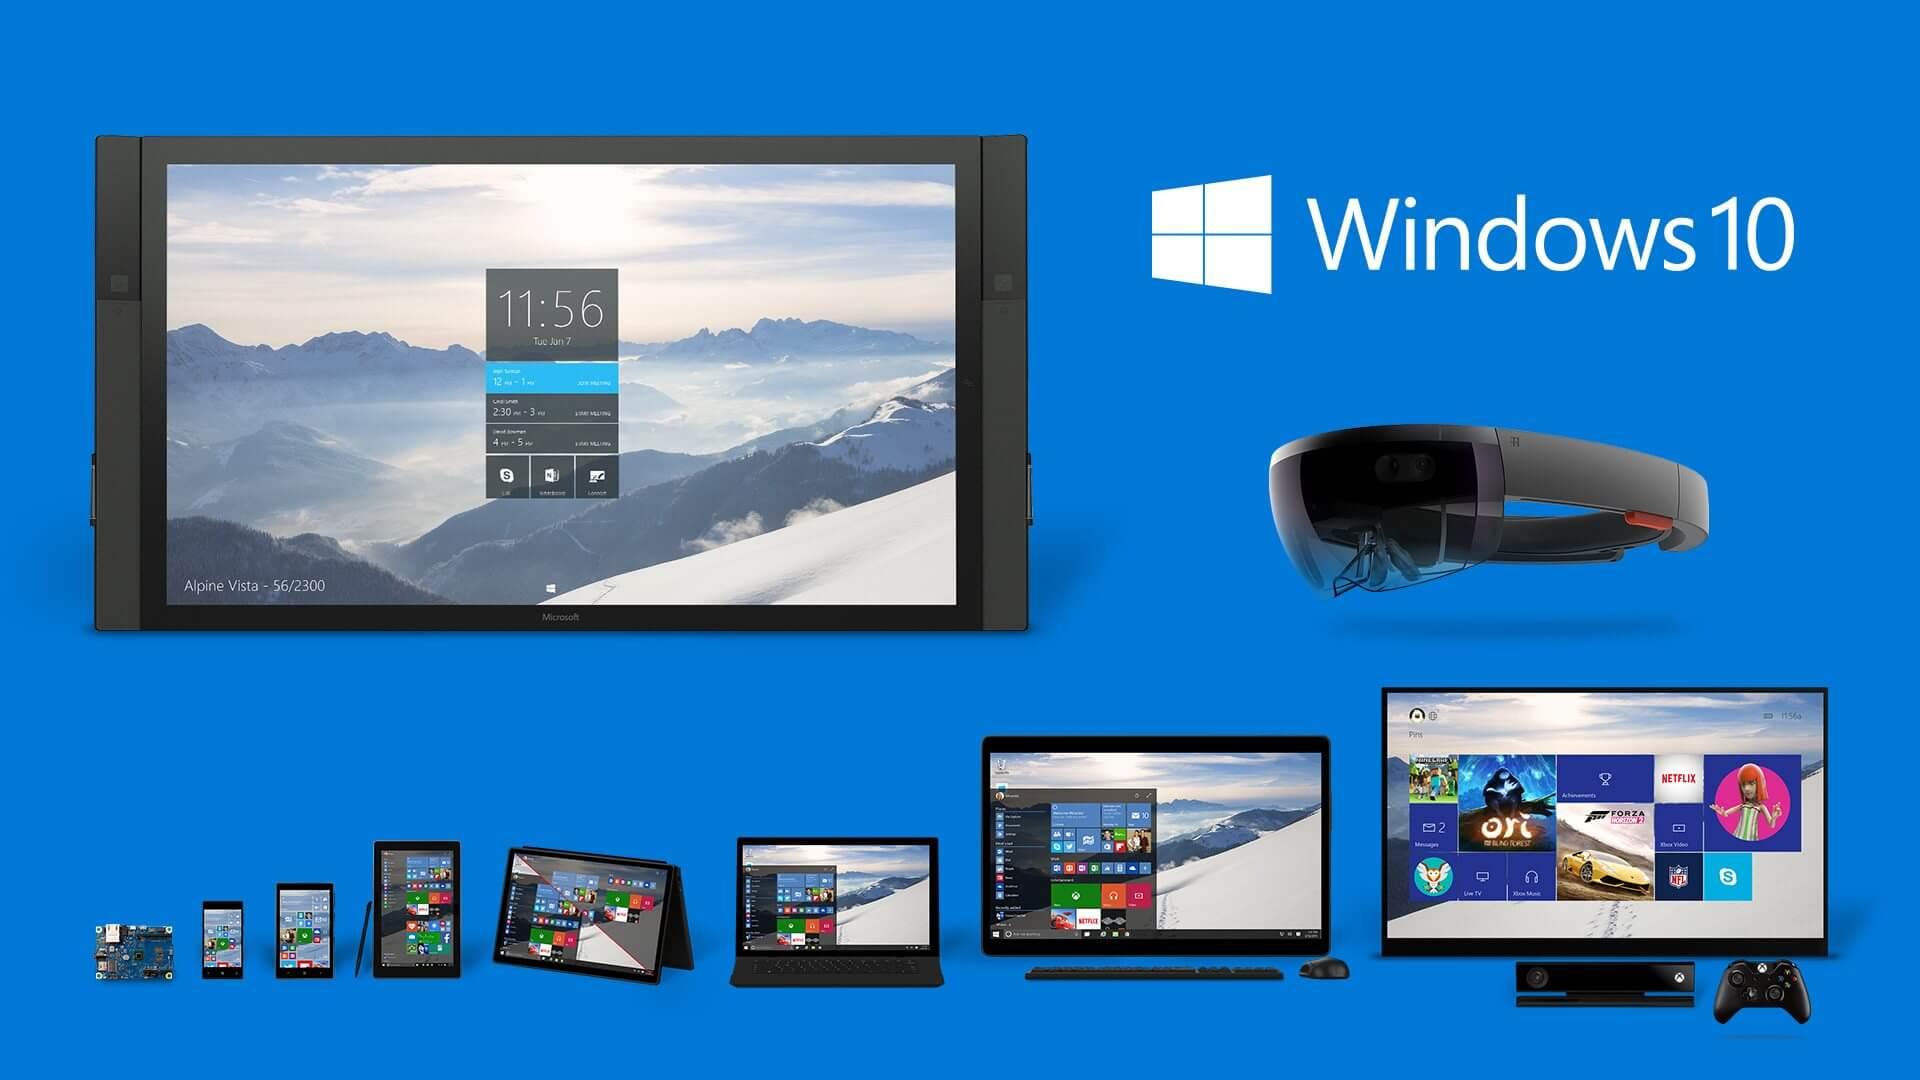 """smt windowsinsider w10 - Próxima atualização do Windows terá recurso similar ao """"Handoff"""" do OS X"""